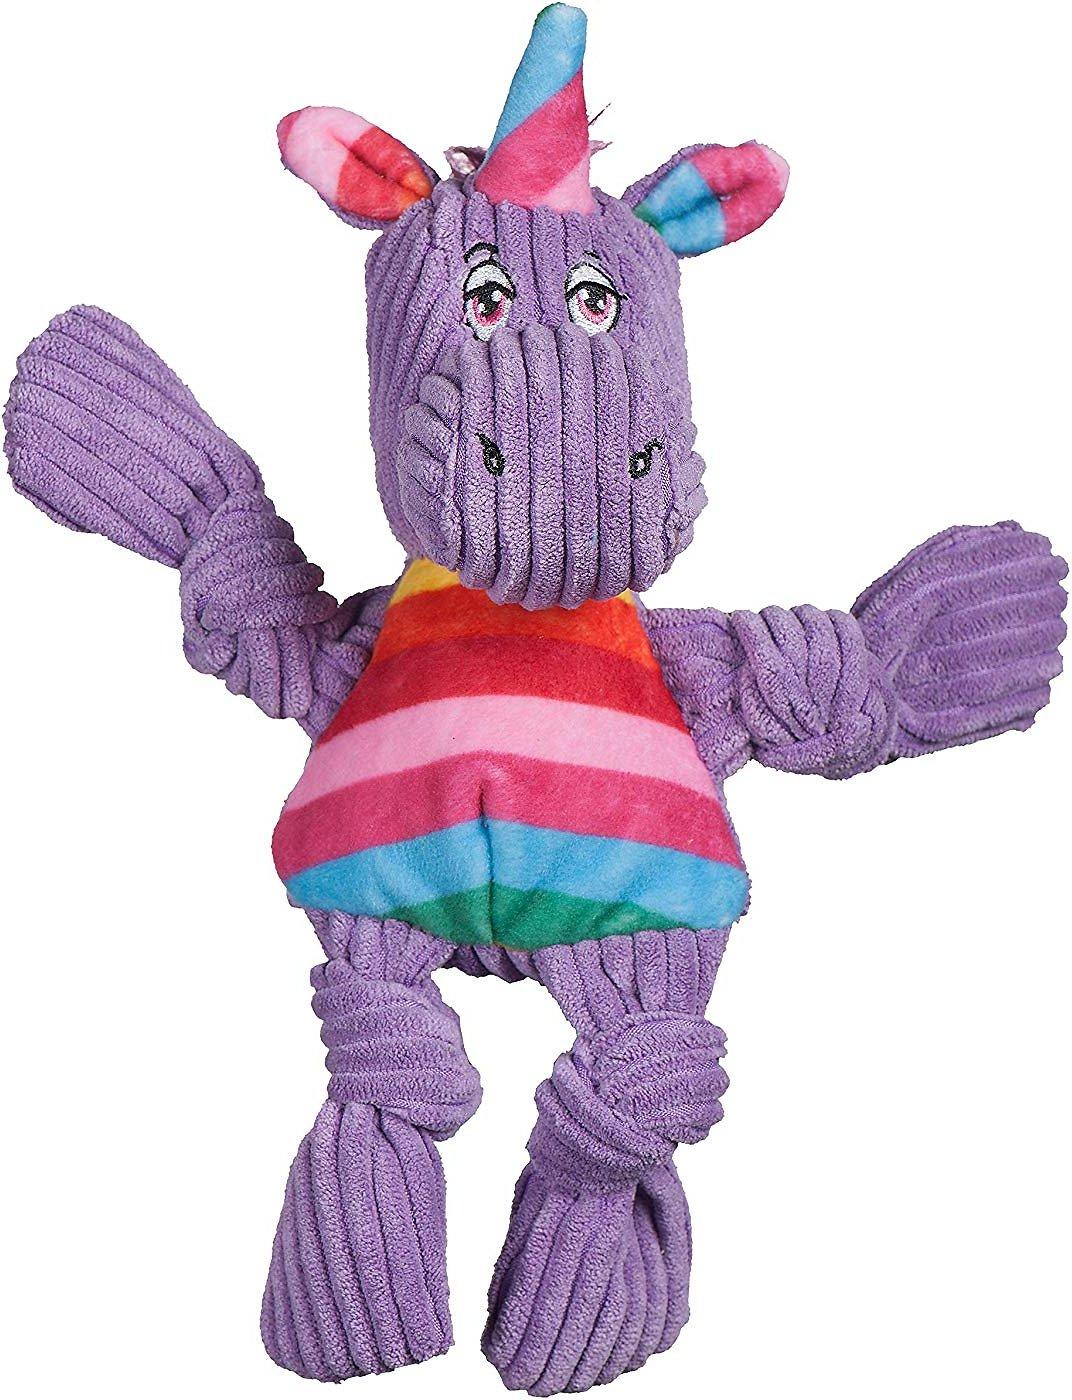 HuggleHounds Knottie Rainbow Plush Dog Toy Image